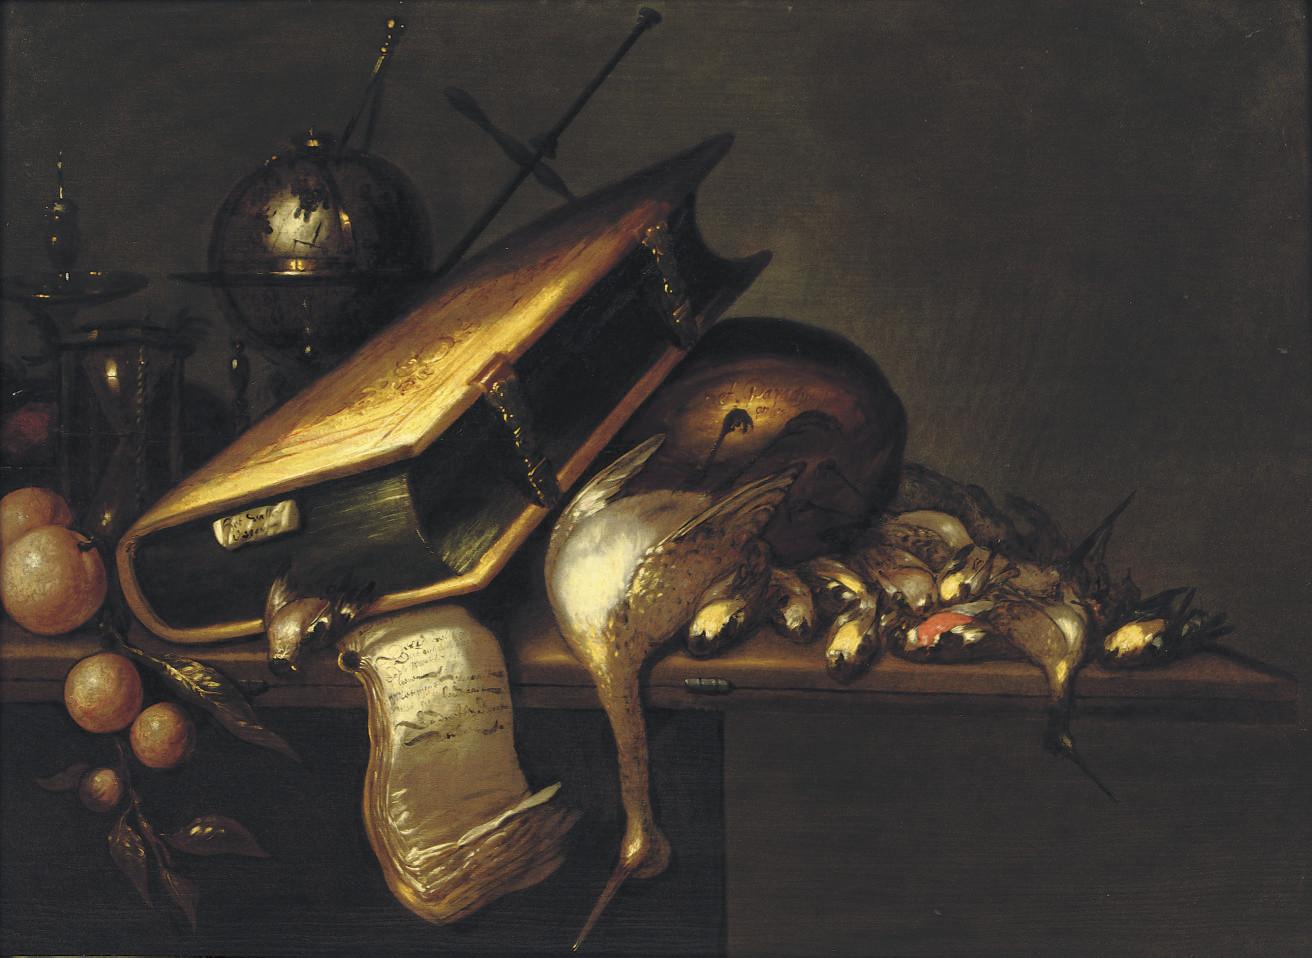 Petrus Schotanus (Leeuwarden 1